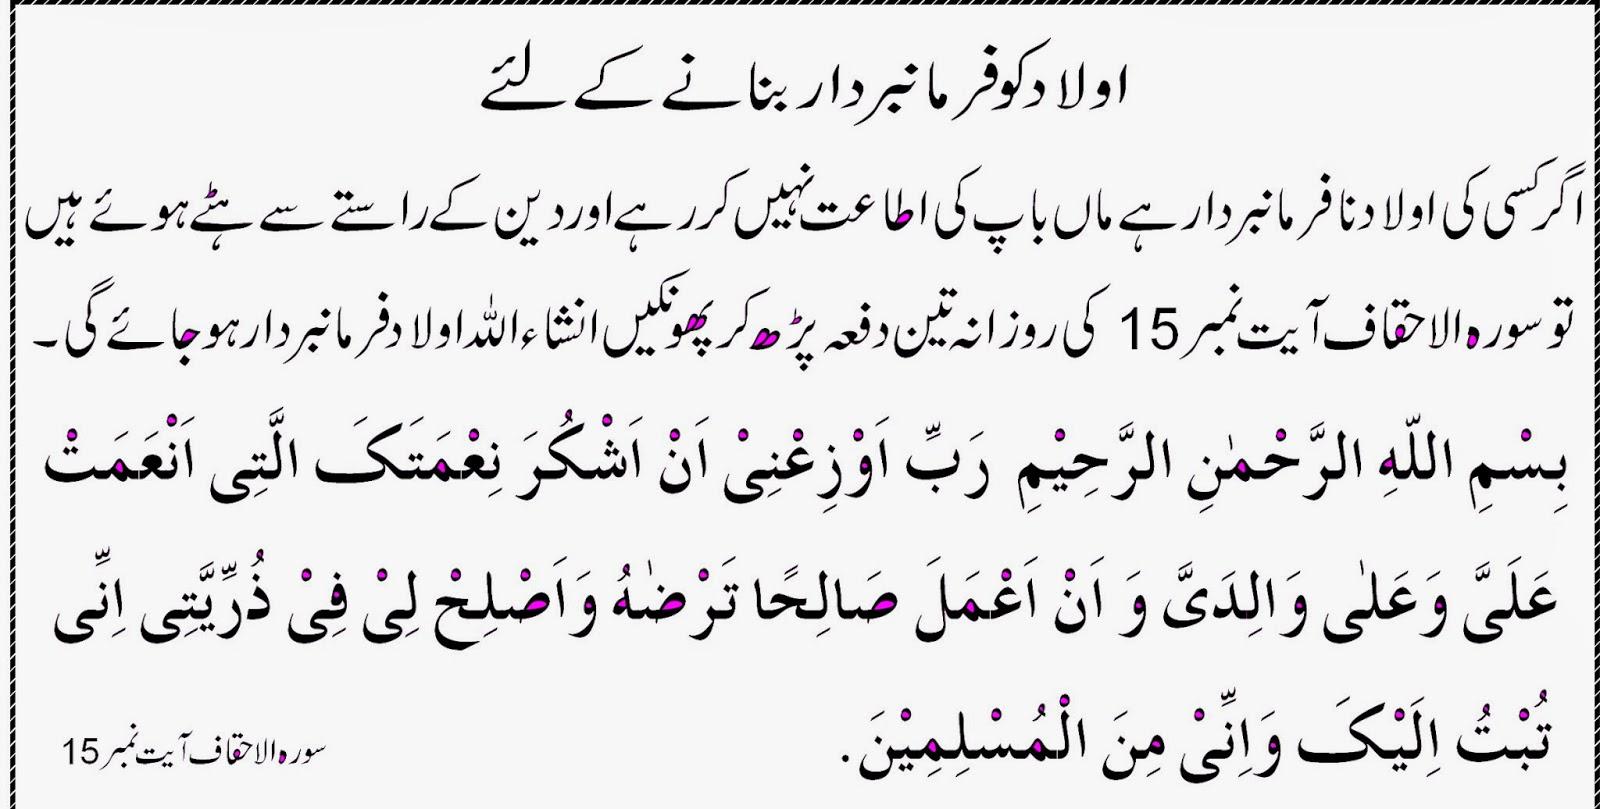 Aulad Ko Farman Bardar Bananay K Liye In Urdu